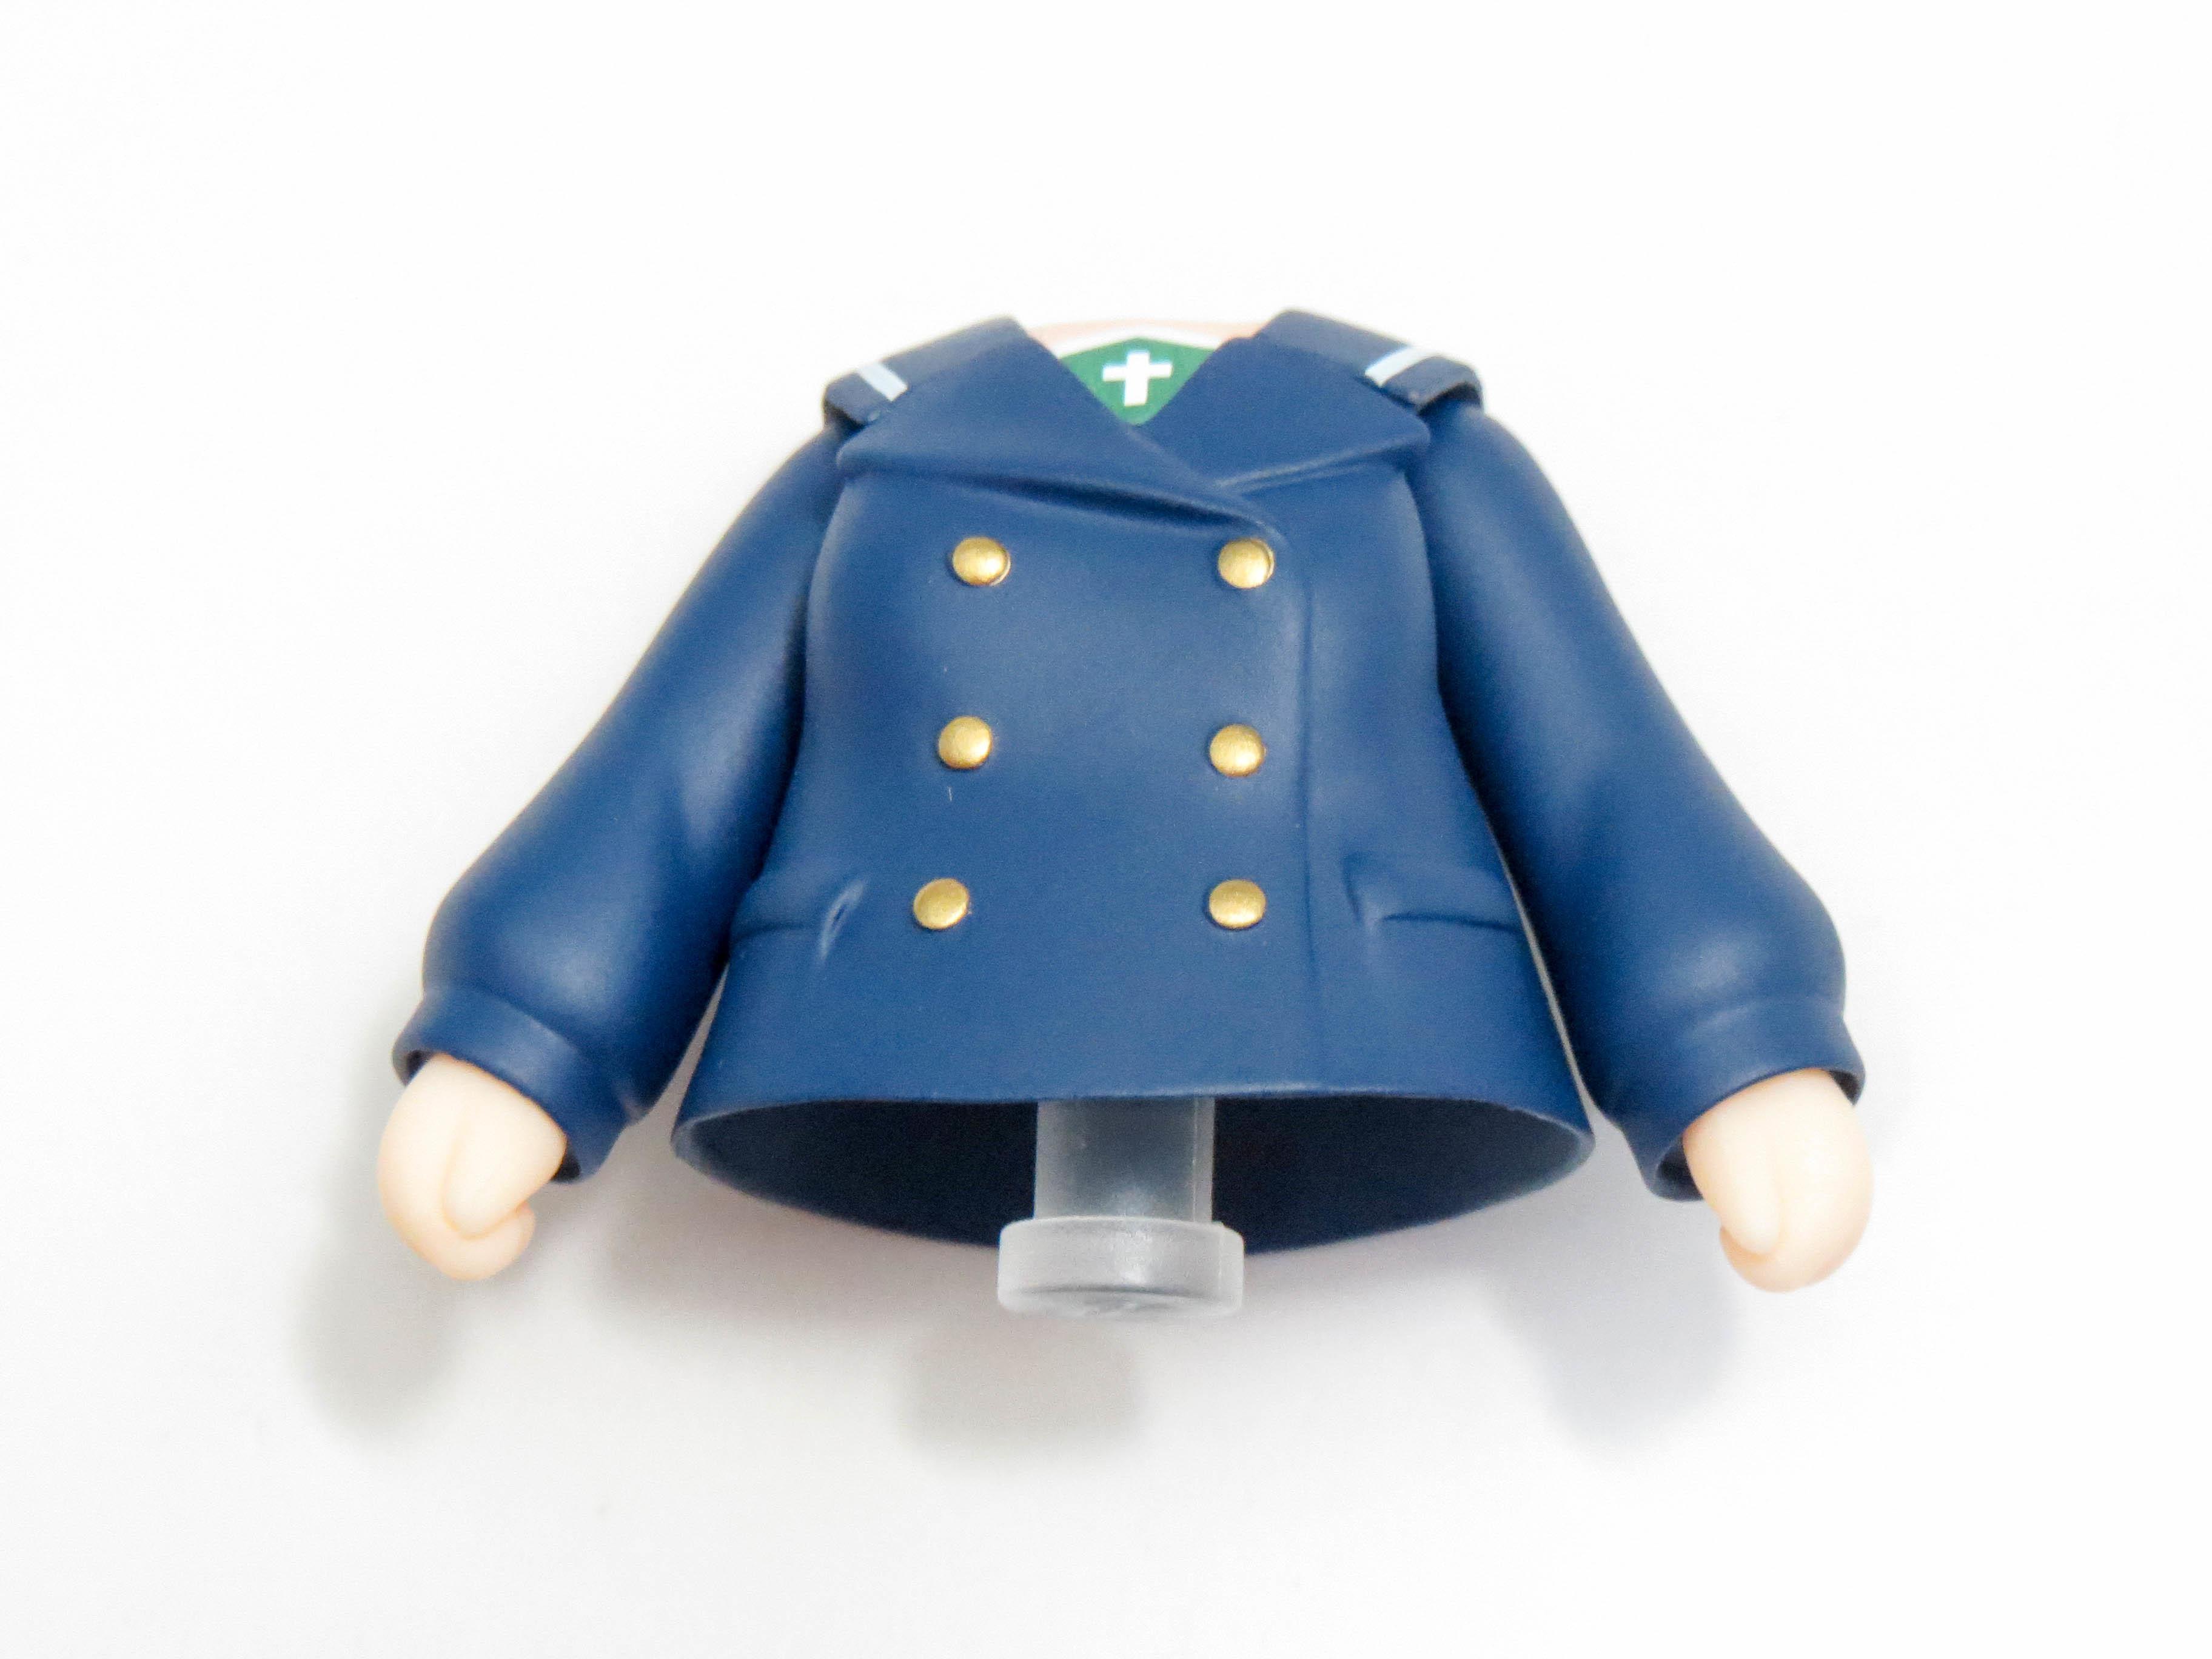 再入荷【825】 西住みほ パンツァージャケット&Pコート Ver.  体パーツ Pコート上半身 ねんどろいど